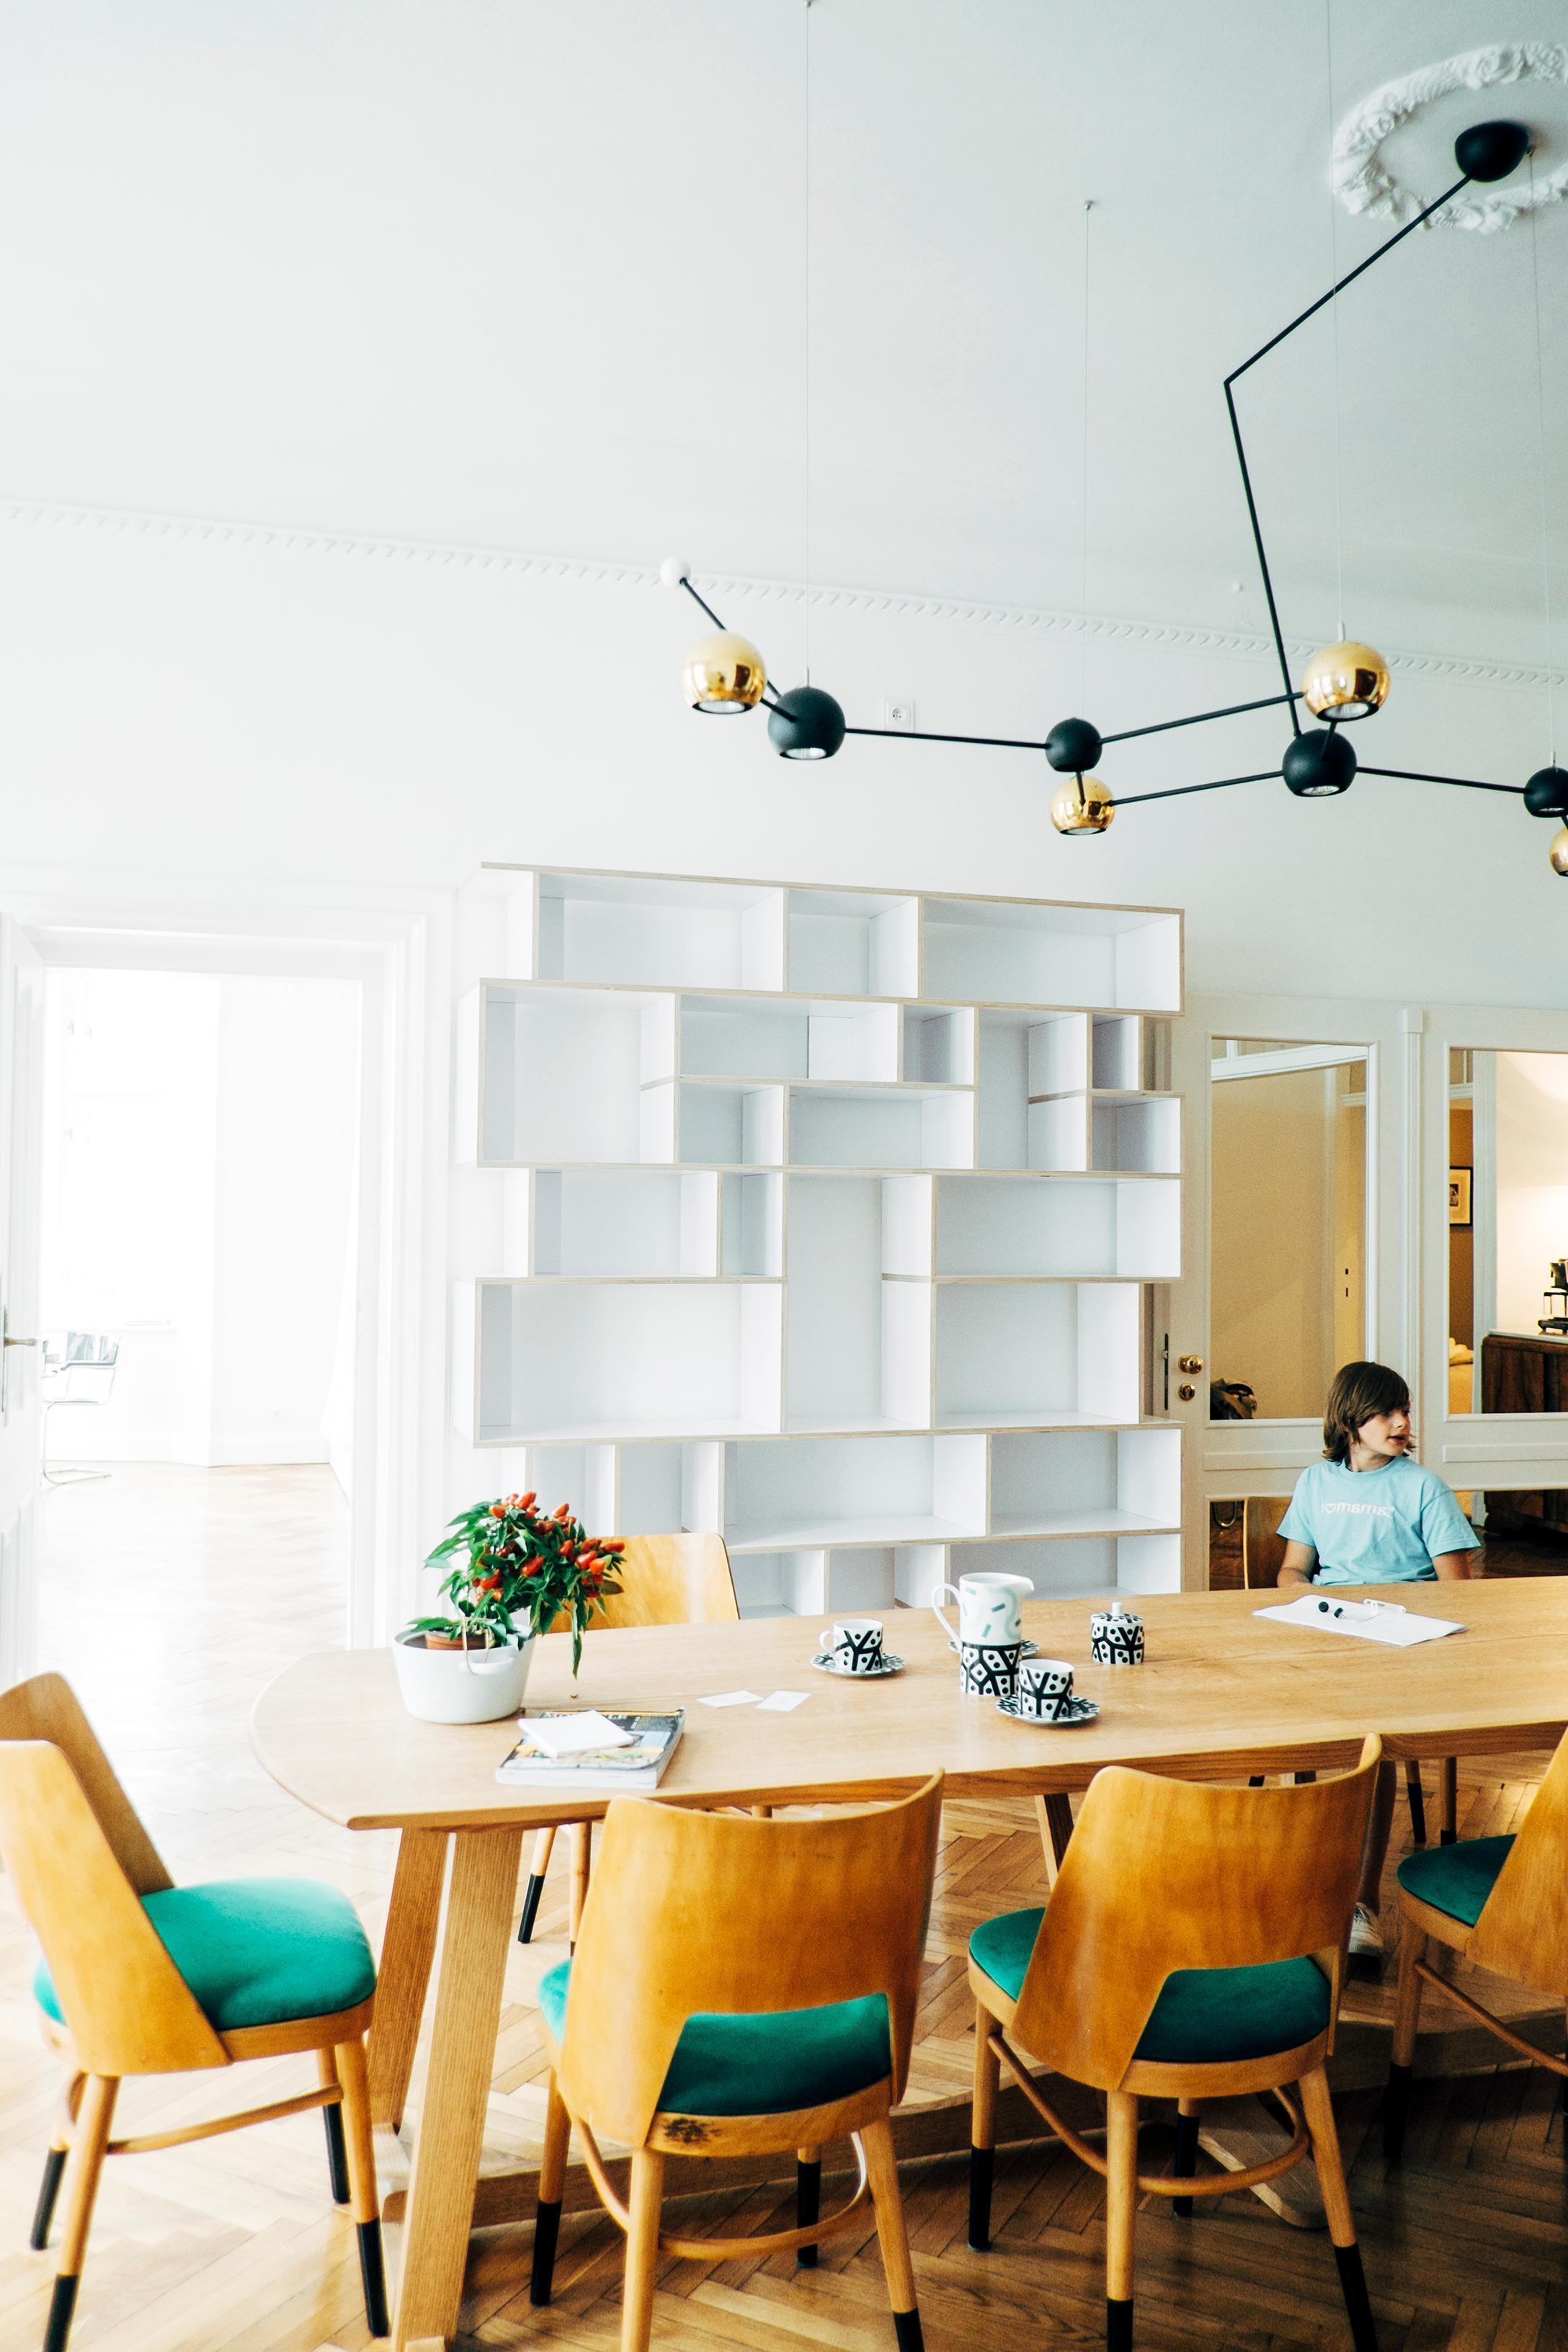 bücherregal • bilder & ideen • couchstyle, Hause deko